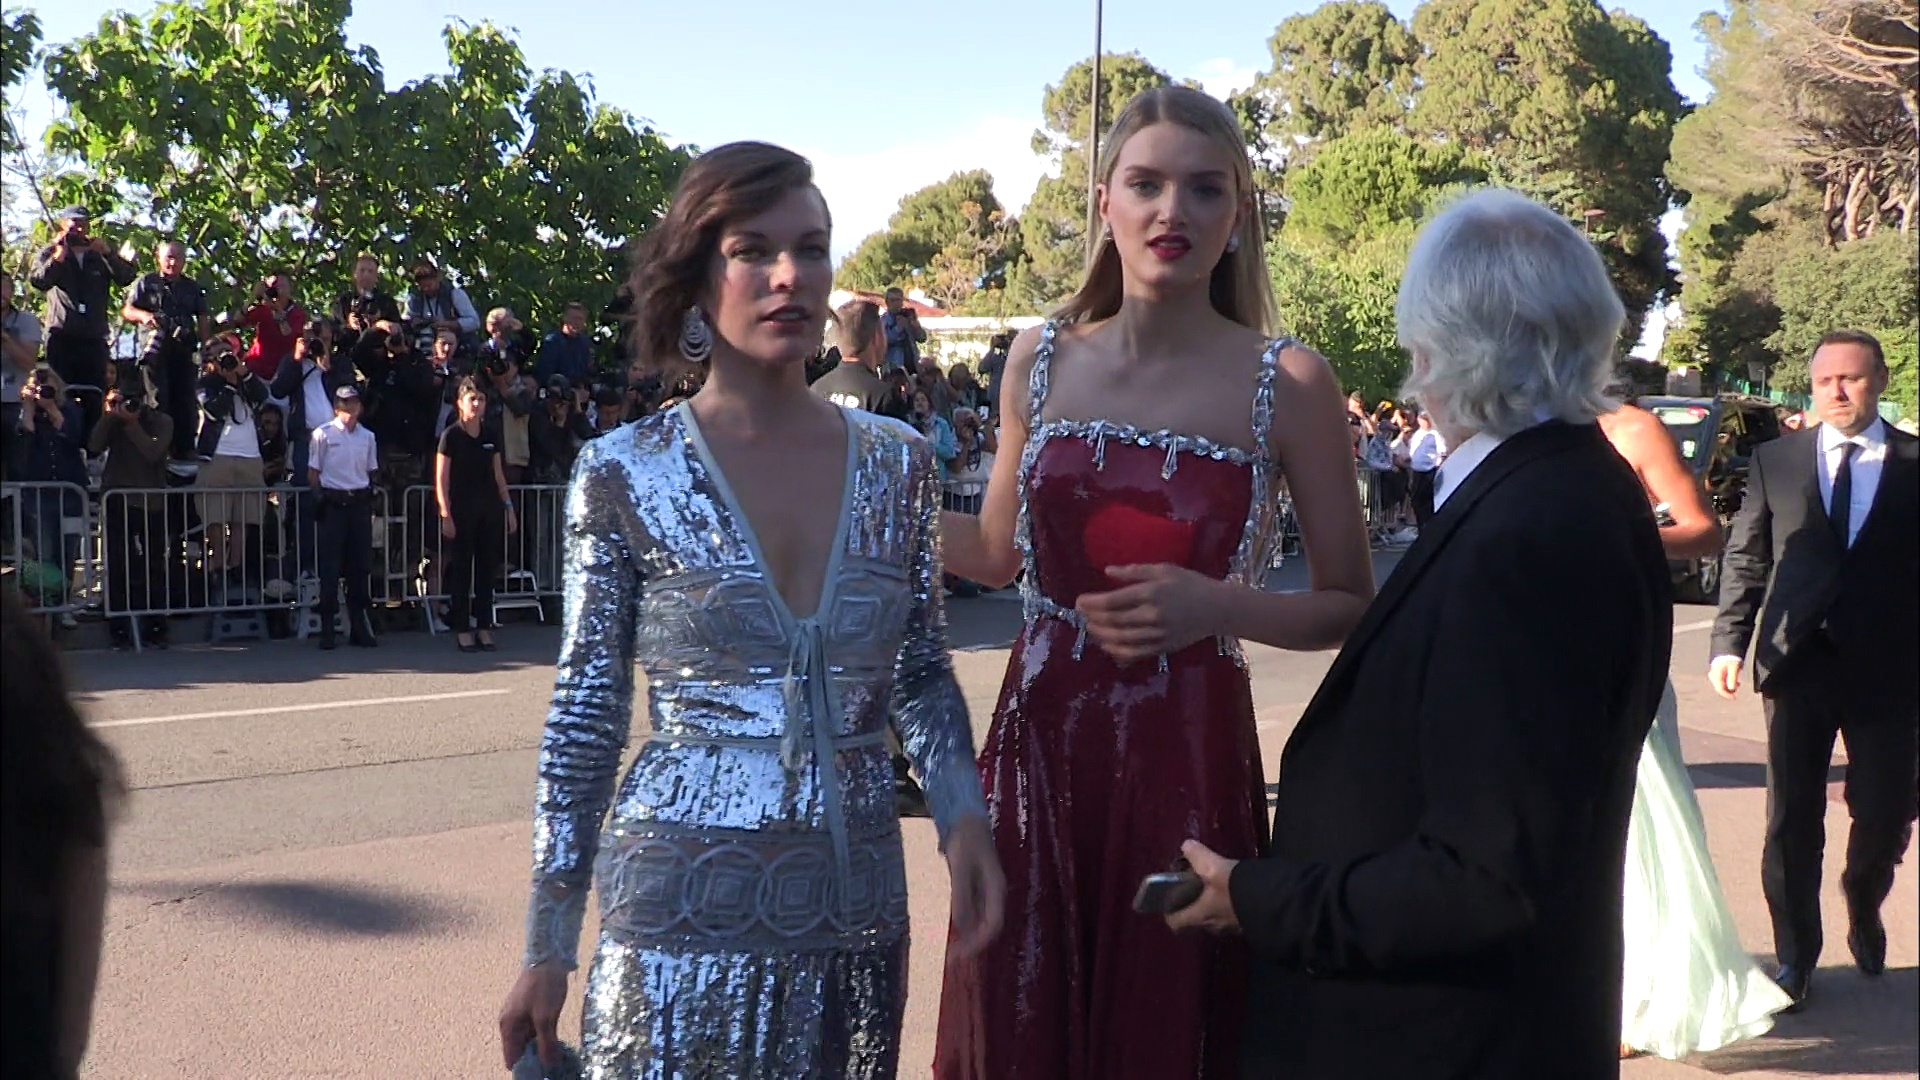 Documentaire Mode, glamour, luxe sur la croisette de Cannes